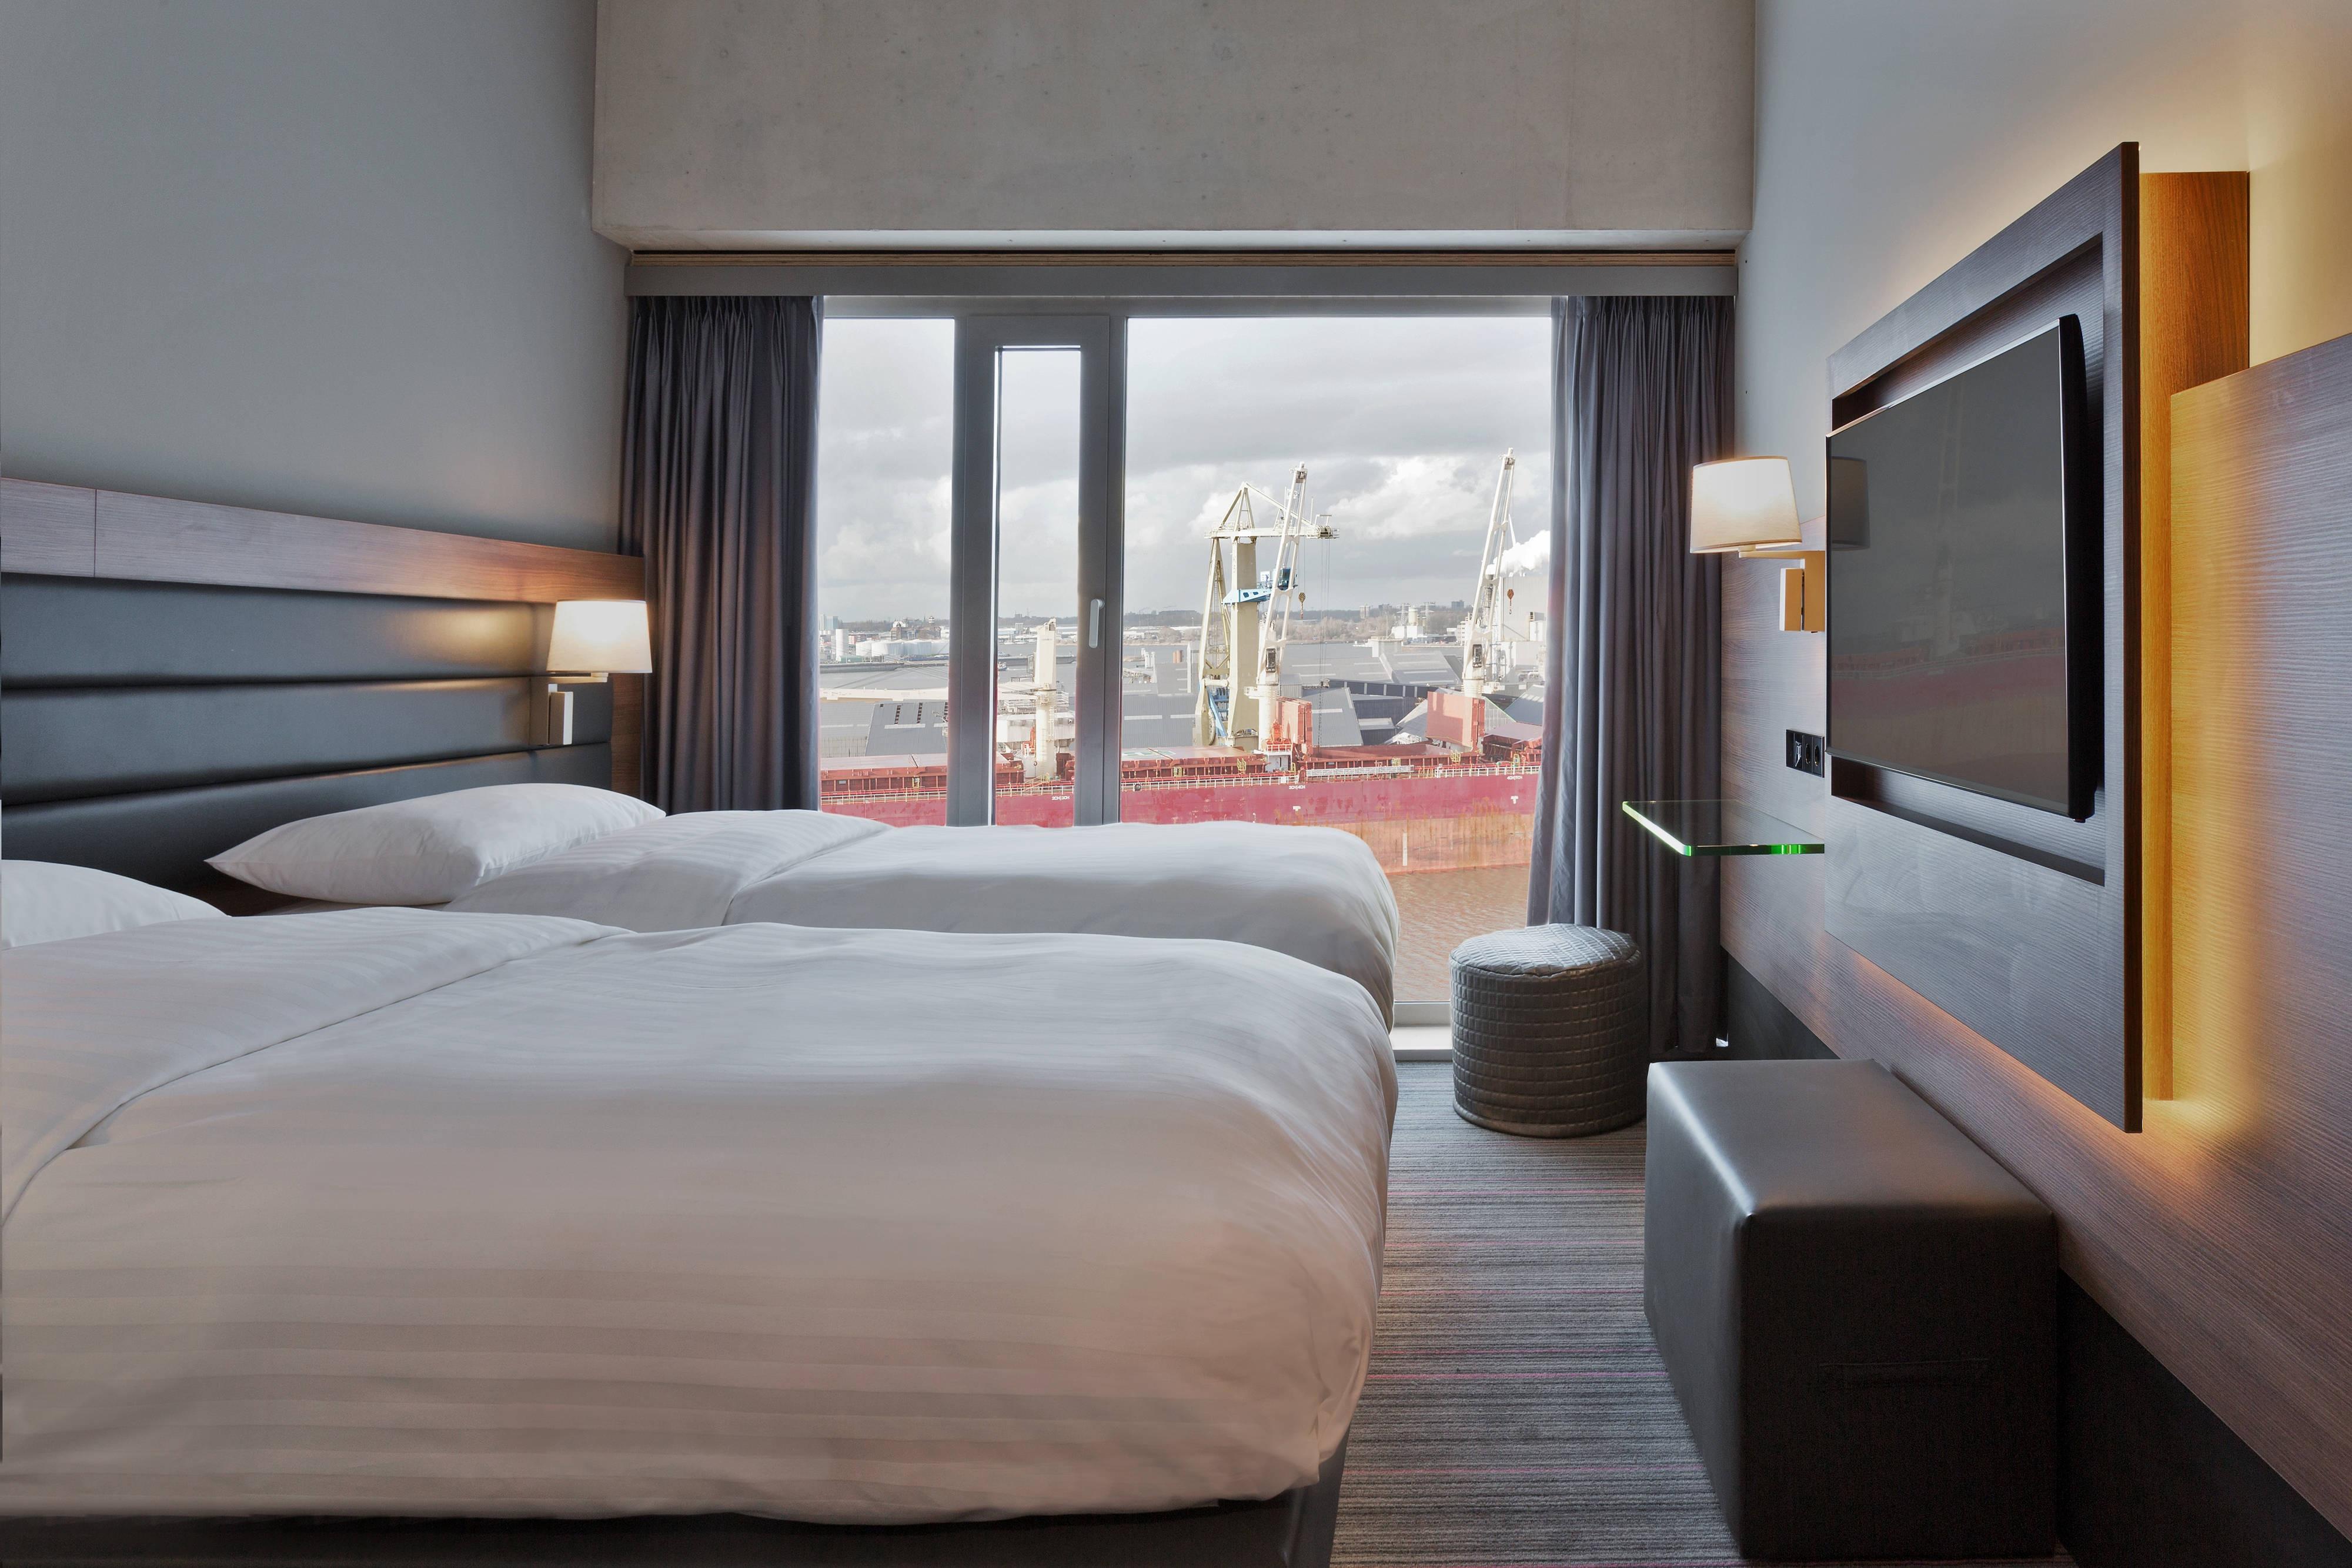 Chambre Moxy avec deux lits simples, vue